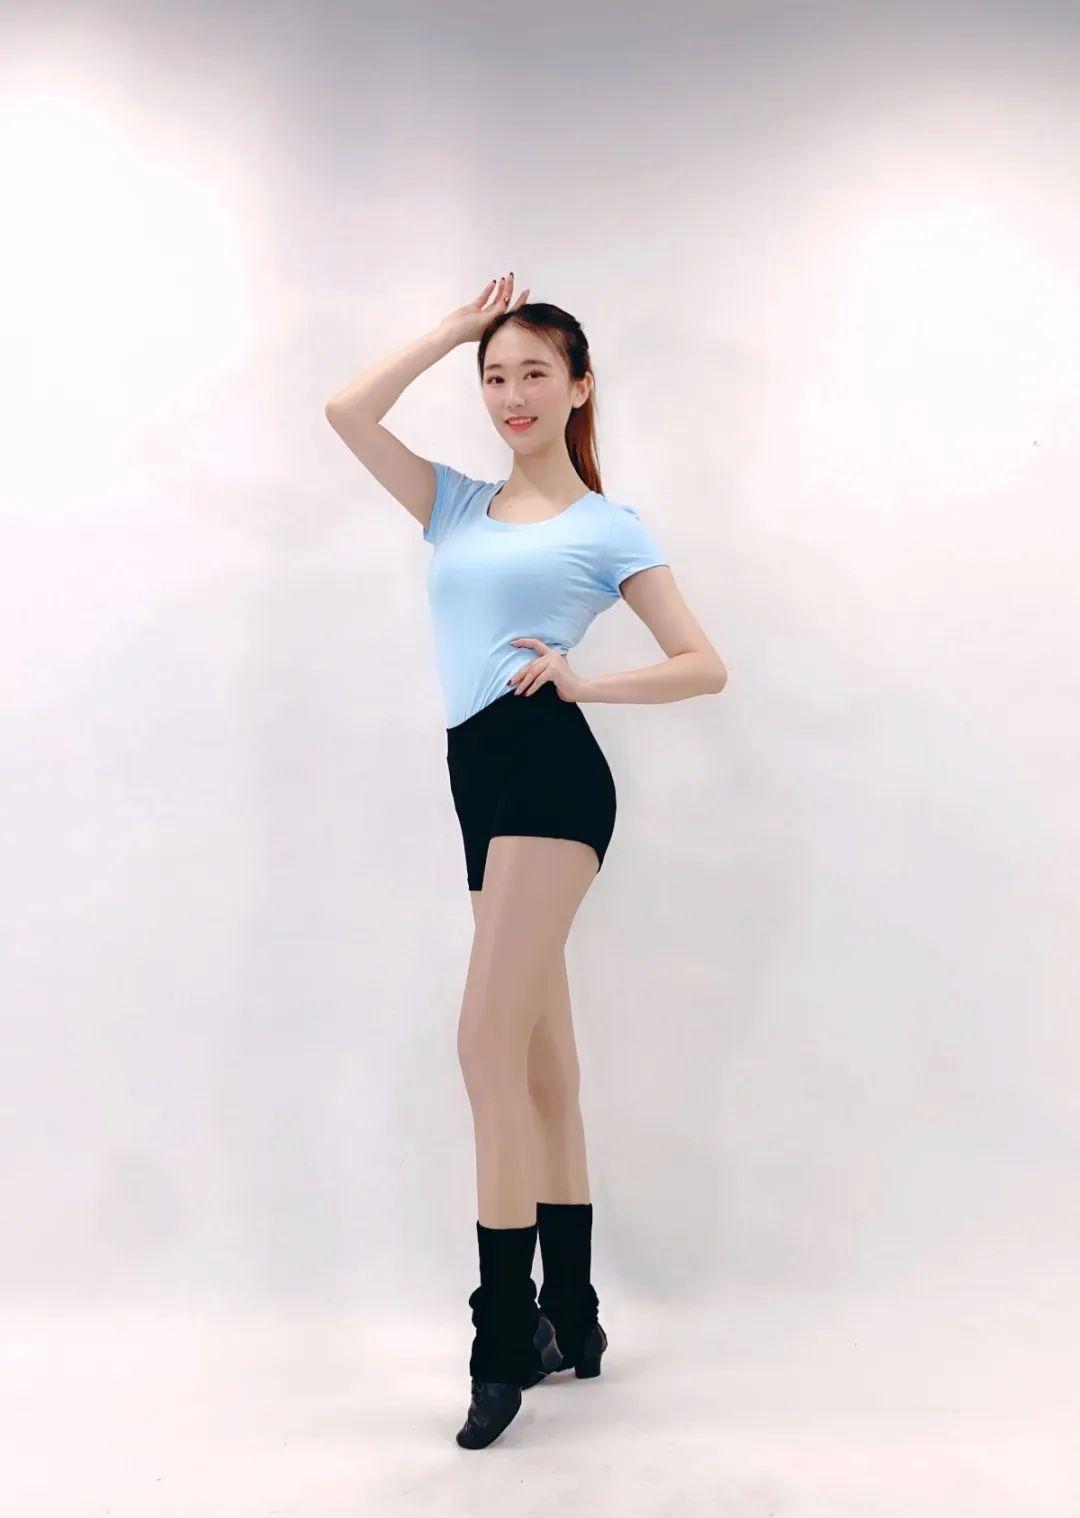 舍宾教练朱怡旻美图